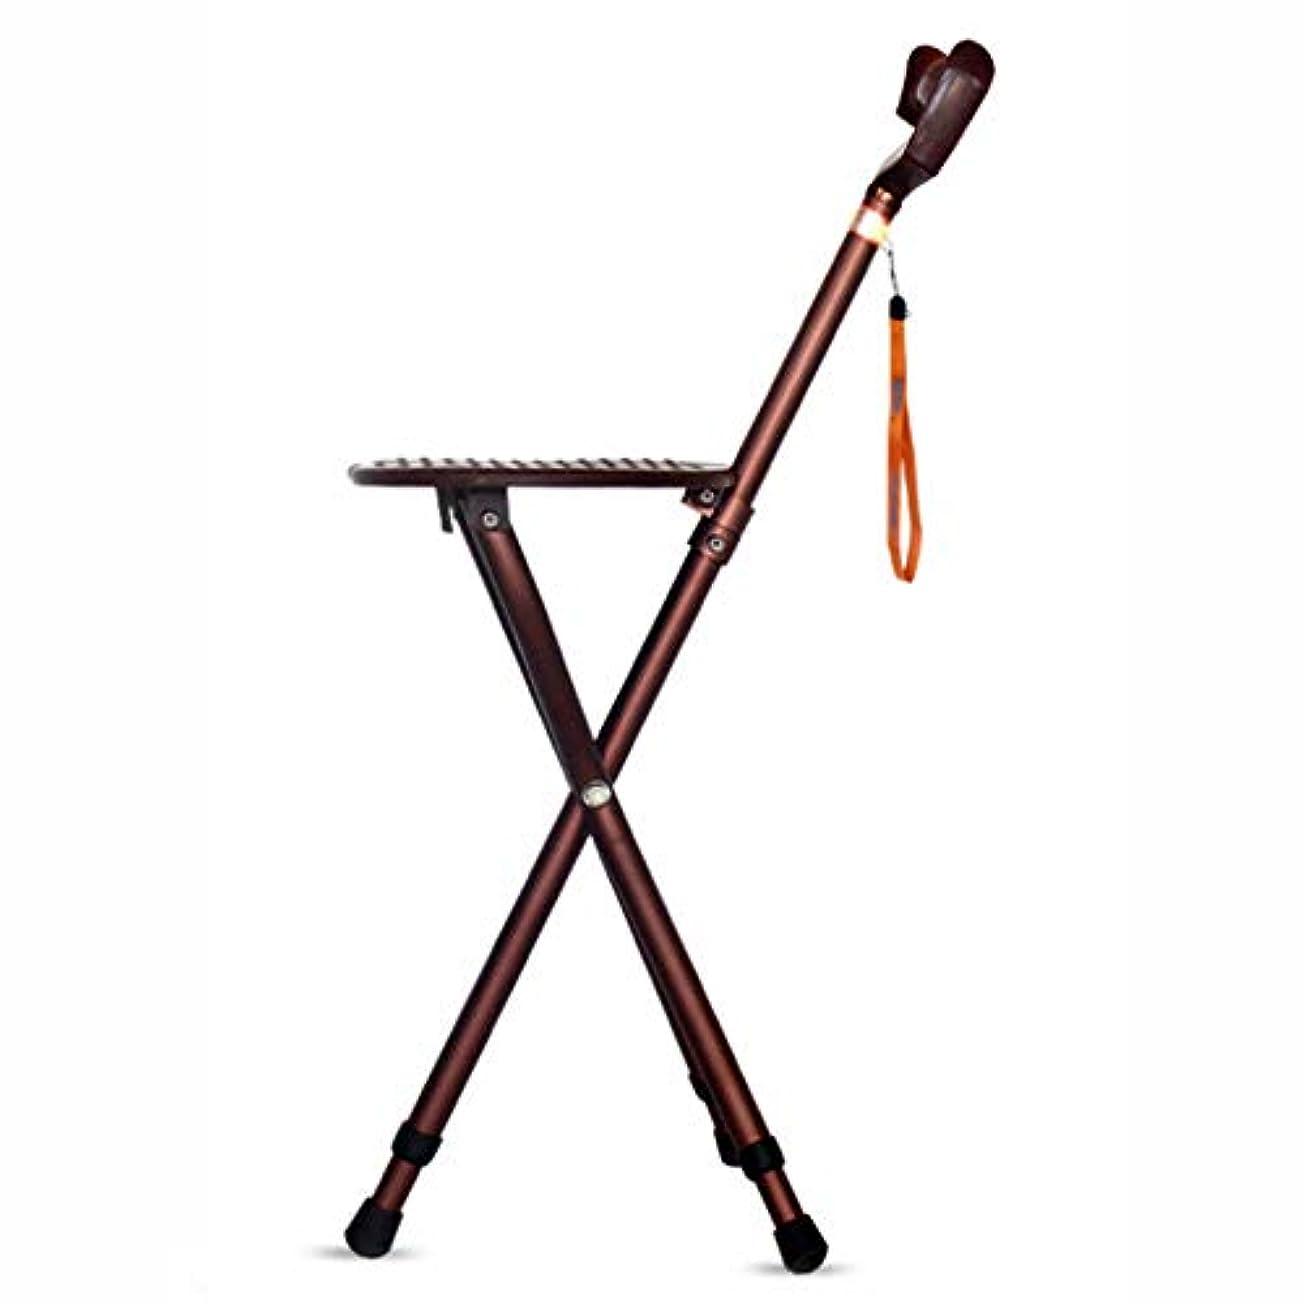 ロードハウス学校爆風FISHD折り畳み式松葉杖スツール3脚杖シートシート弓型ハンドル1.55 mmアルミニウム合金チューブマッサージお座り高齢者に適した、持ち運びが容易